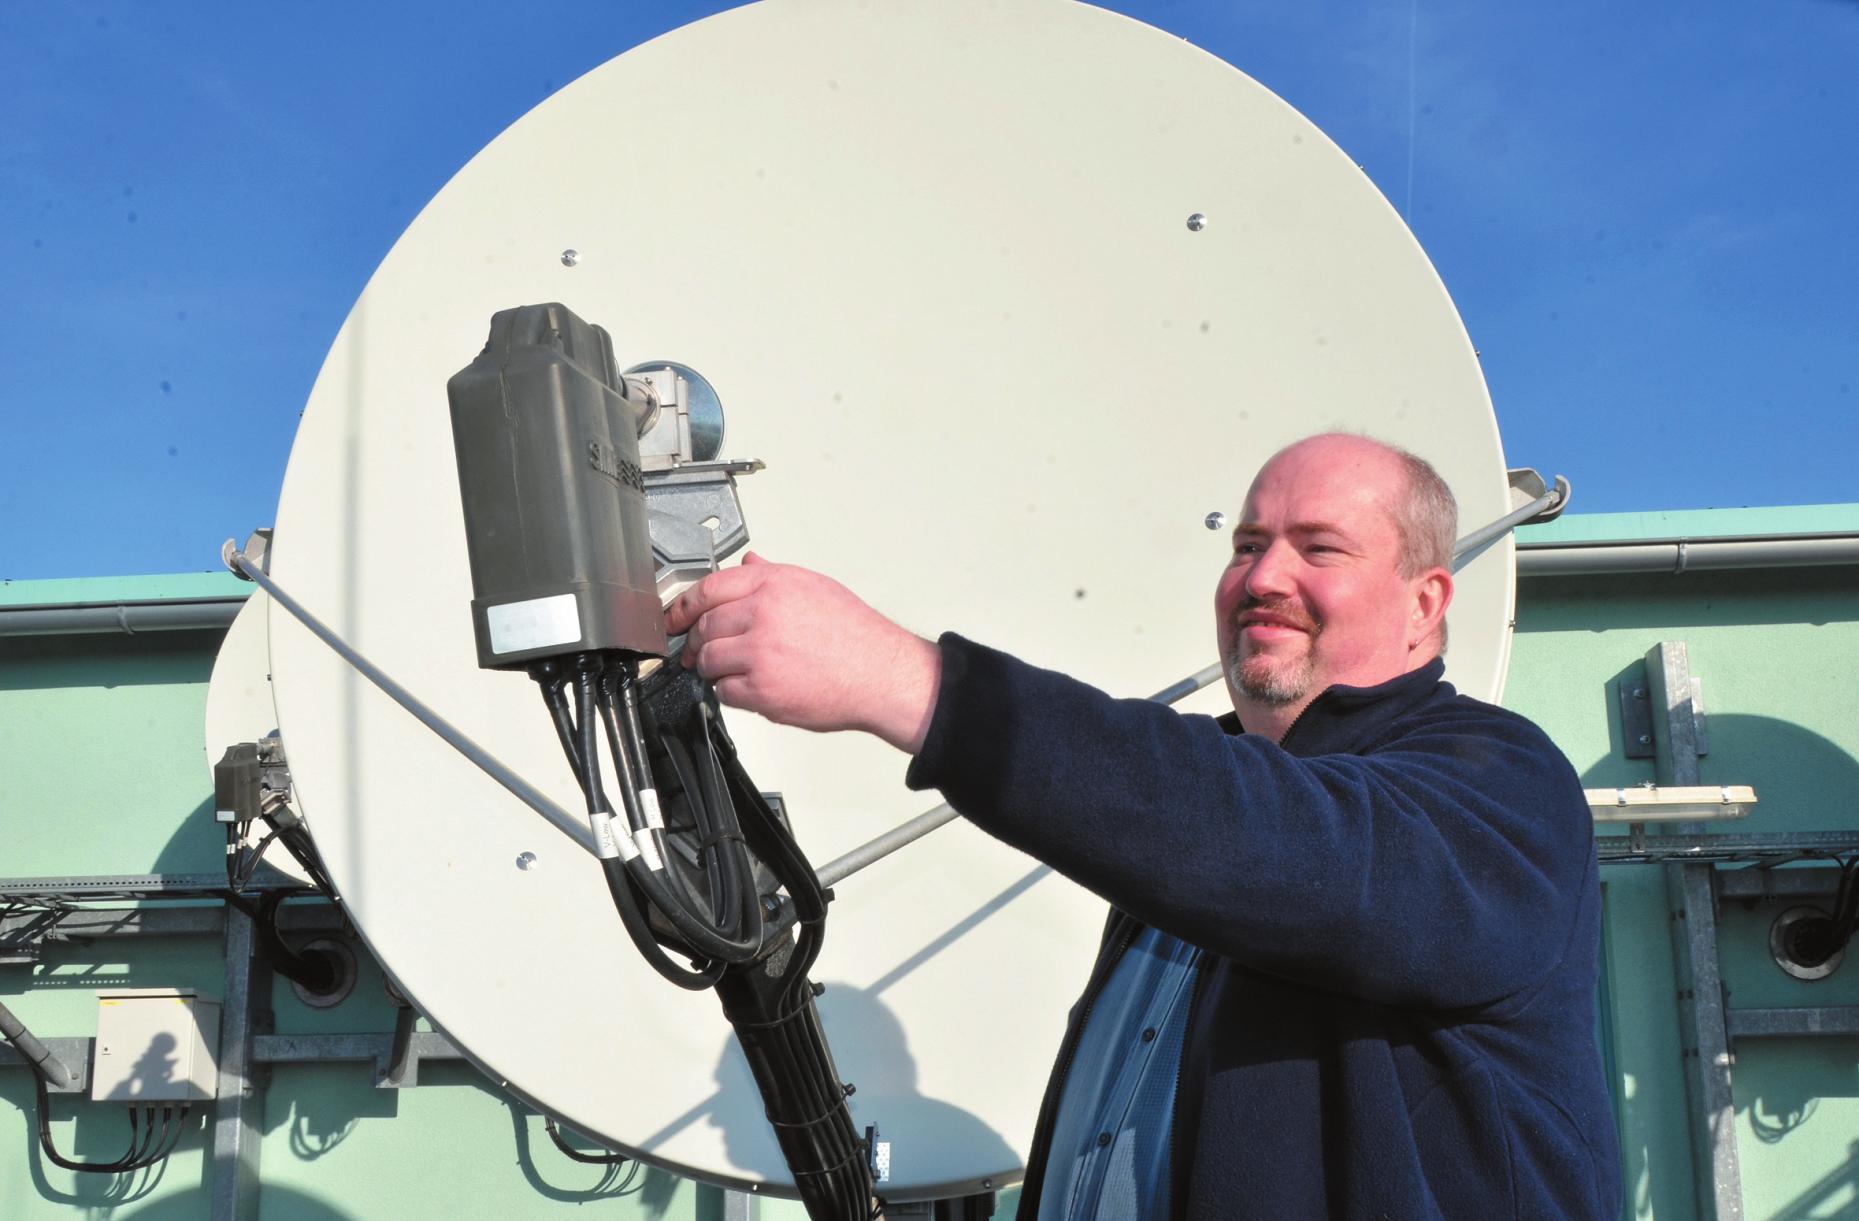 Malte Kock ist der Herr über die Satellitenschüsseln. Er sorgt für Programmvielfalt auf den Fernsehschirmen. Die Satellitenschüsseln empfangen 450 TV- und mehr als 190 Radioprogramme aus der ganzen Welt. Im Angebot sind auch Programme auf Bosnisch, Koreanisch oder Englisch. FOTO: FRANK KNITTERMEIER (2)